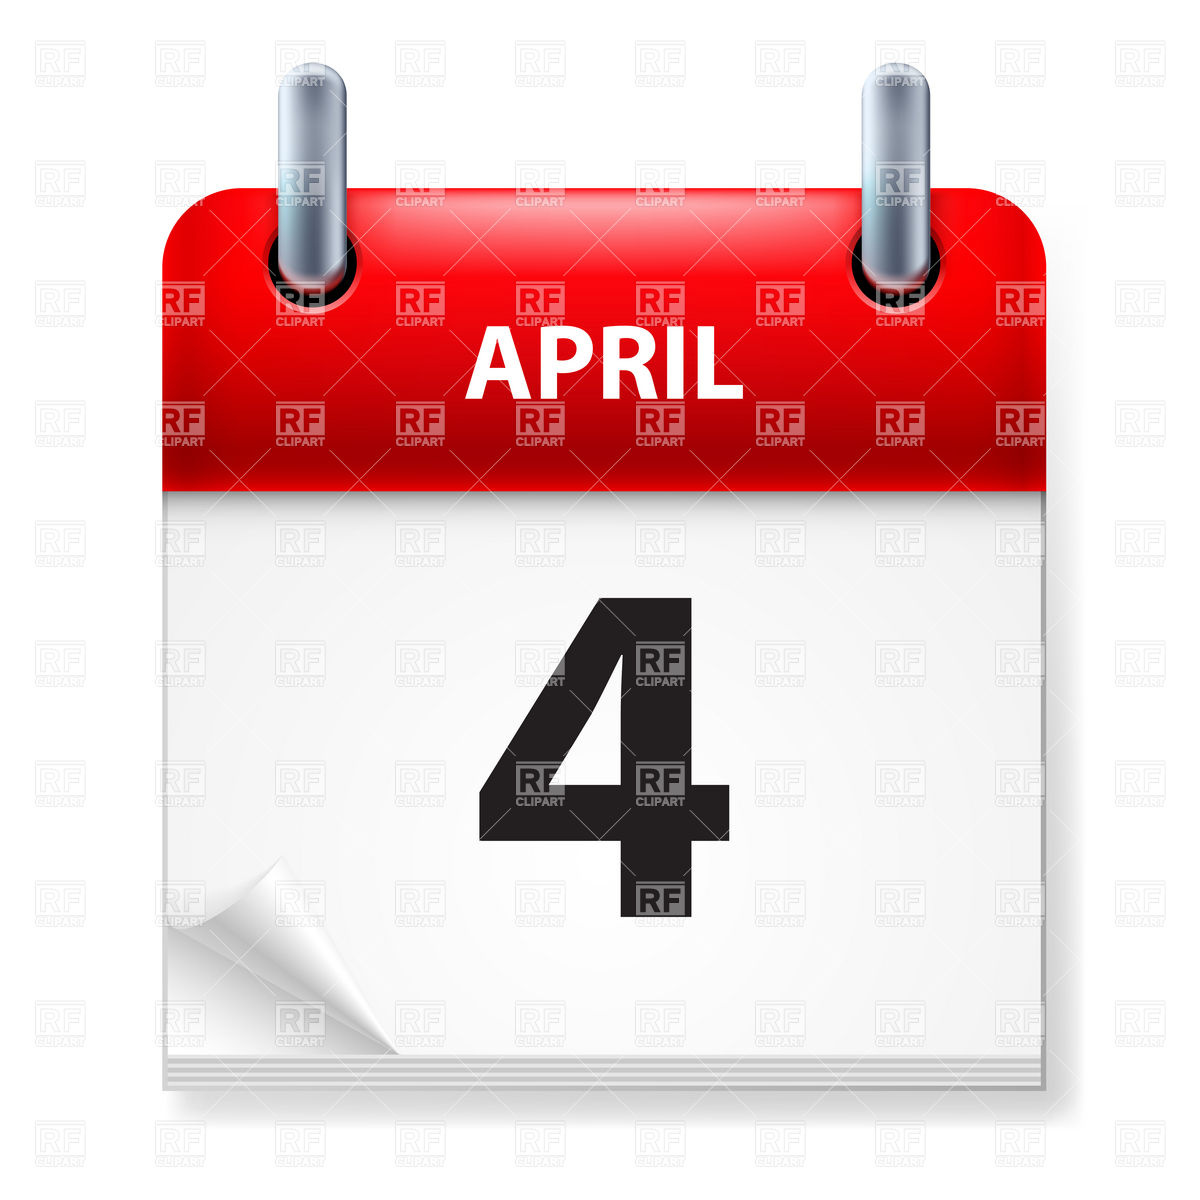 Calendar clipart april 4th. Th clipartfest icon of